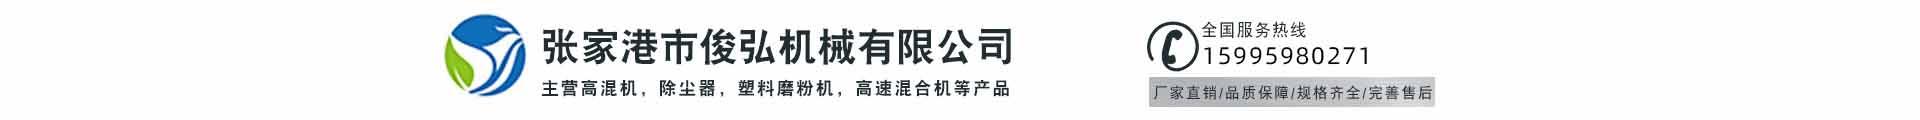 张家港市俊弘机械有限公司